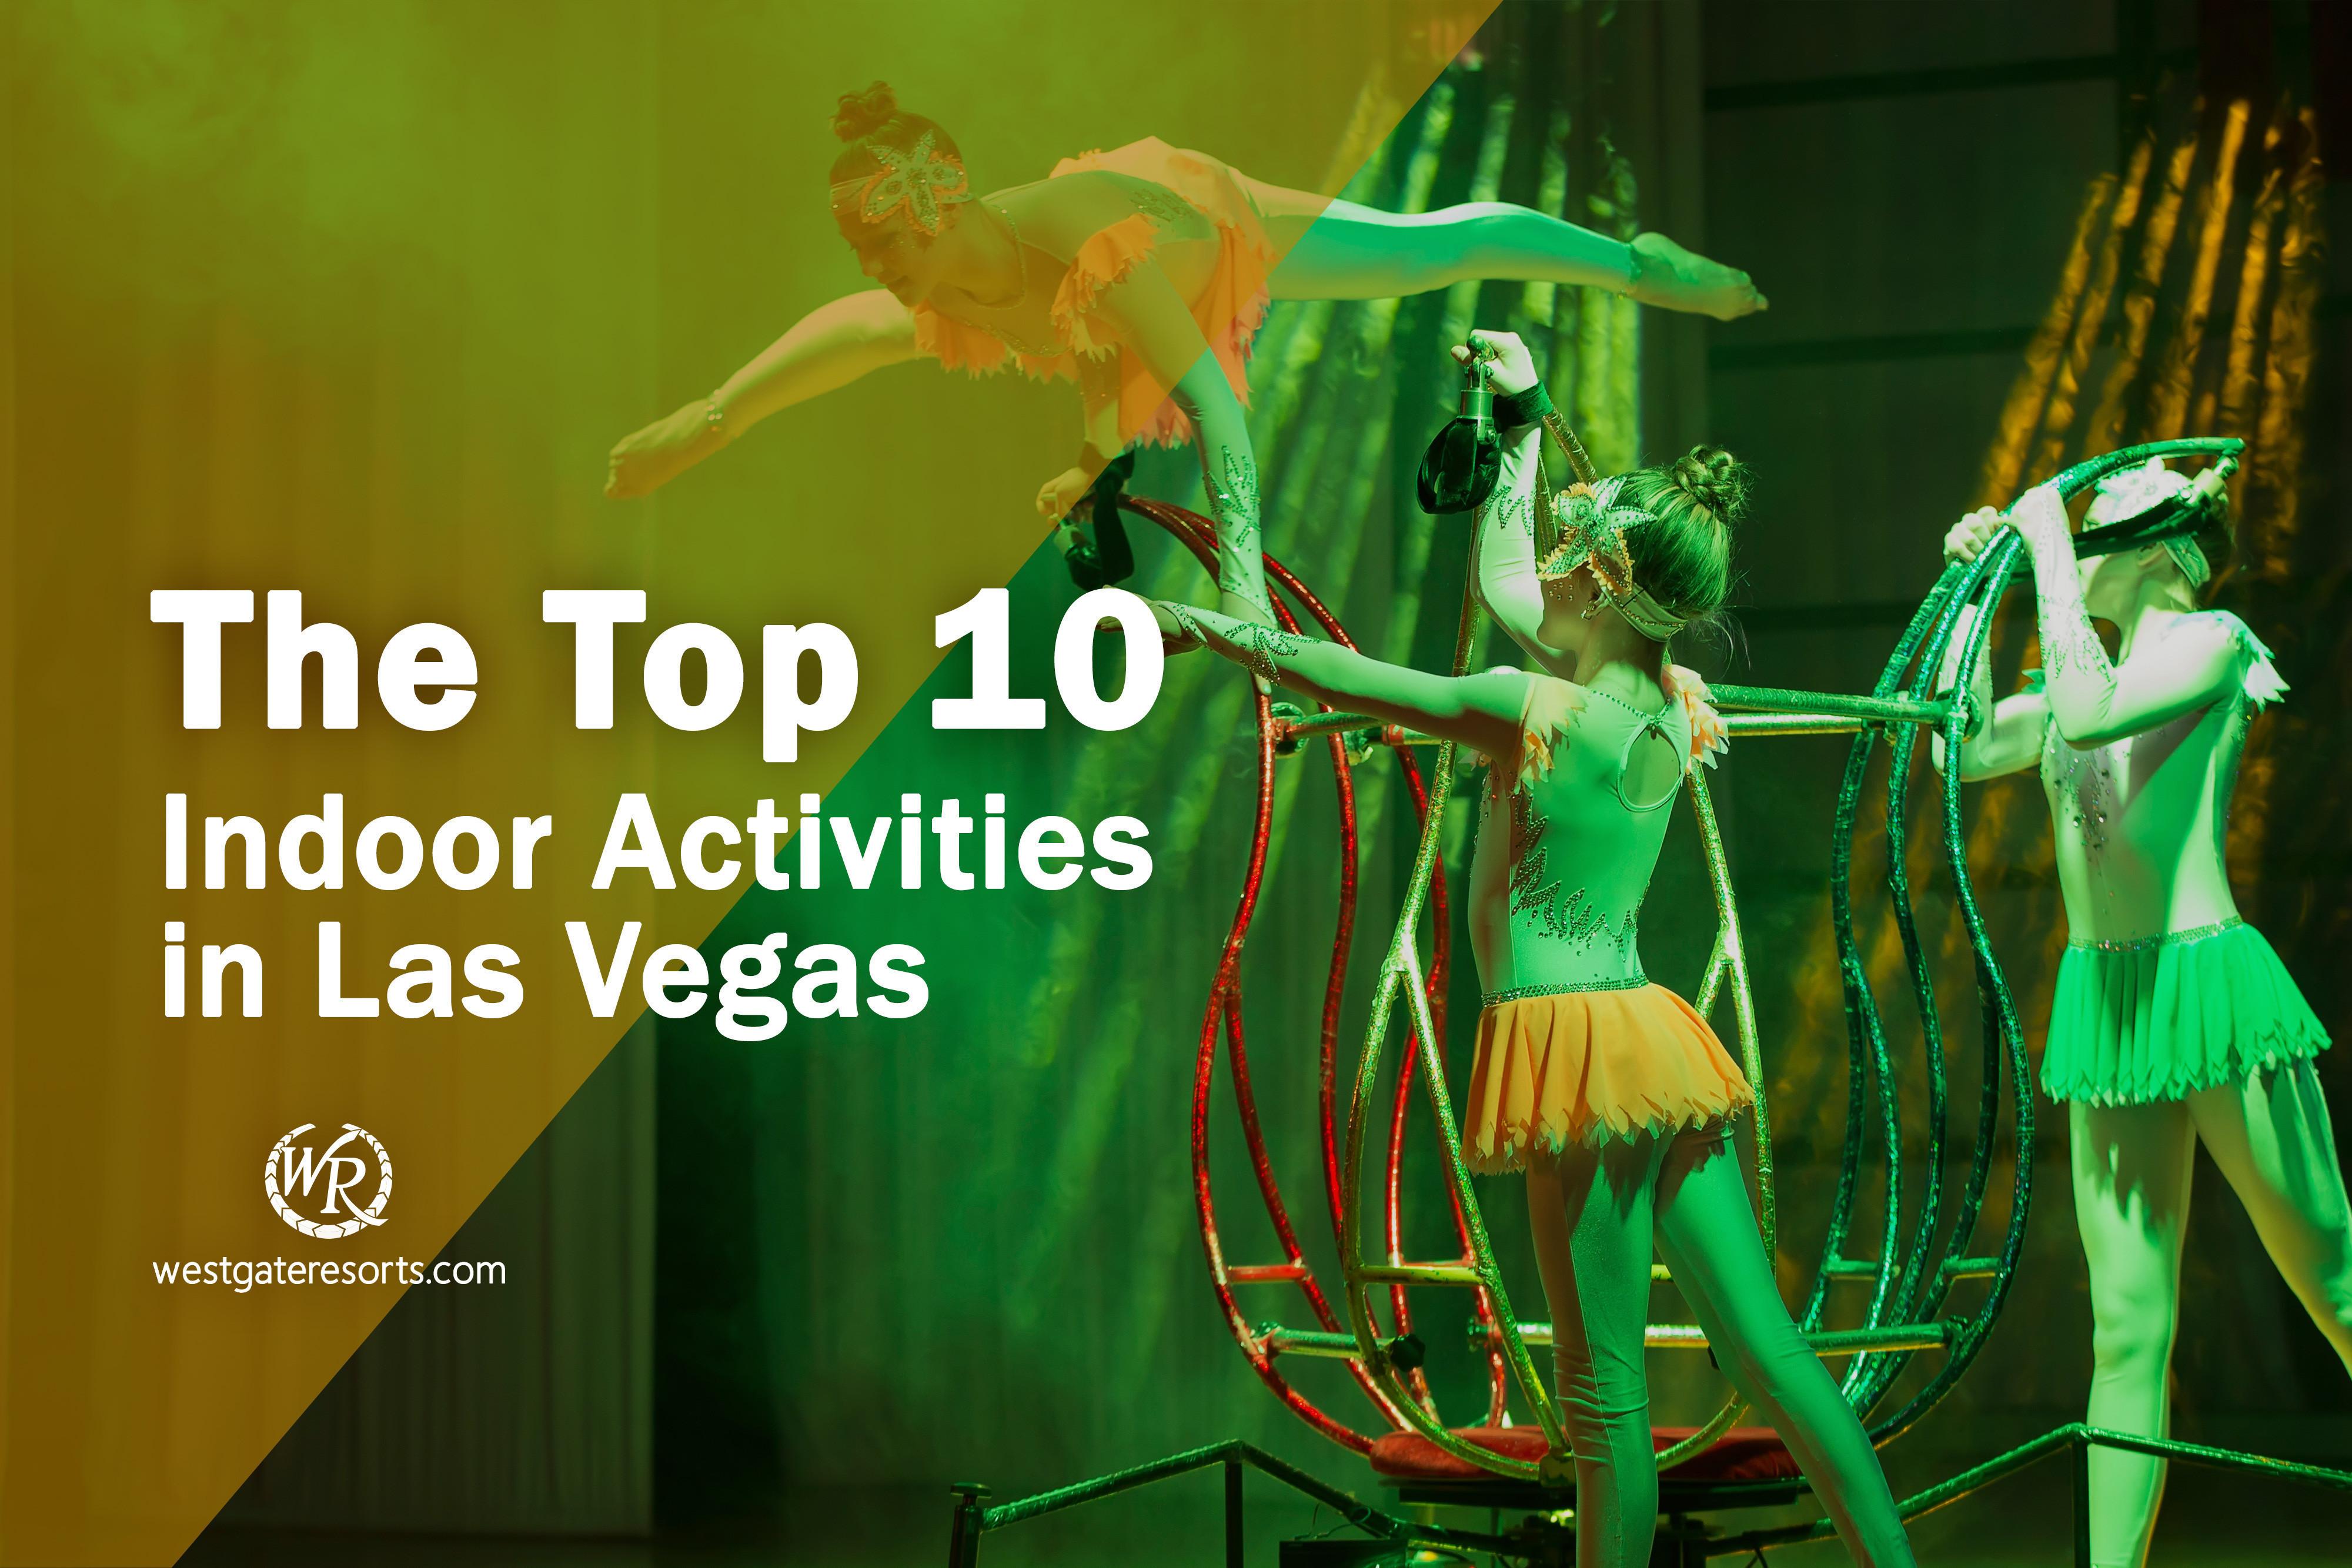 The Top 10 Indoor Activities in Las Vegas